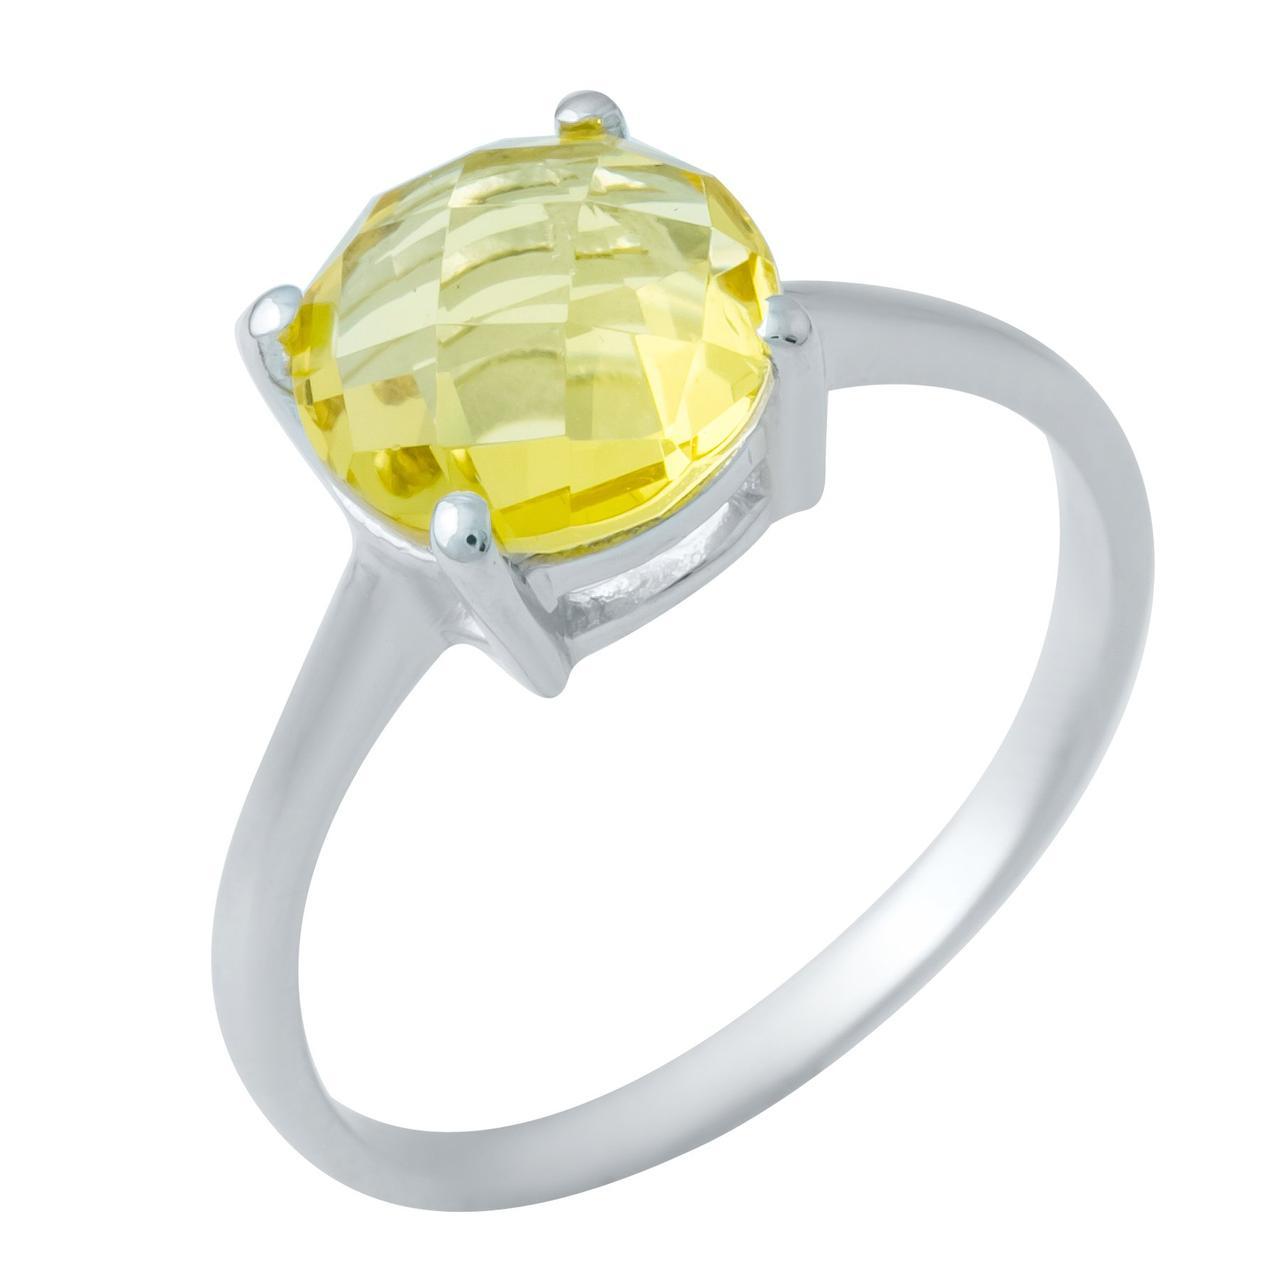 Серебряное кольцо DreamJewelry с цитрином nano 2.49ct (1949917) 18 размер